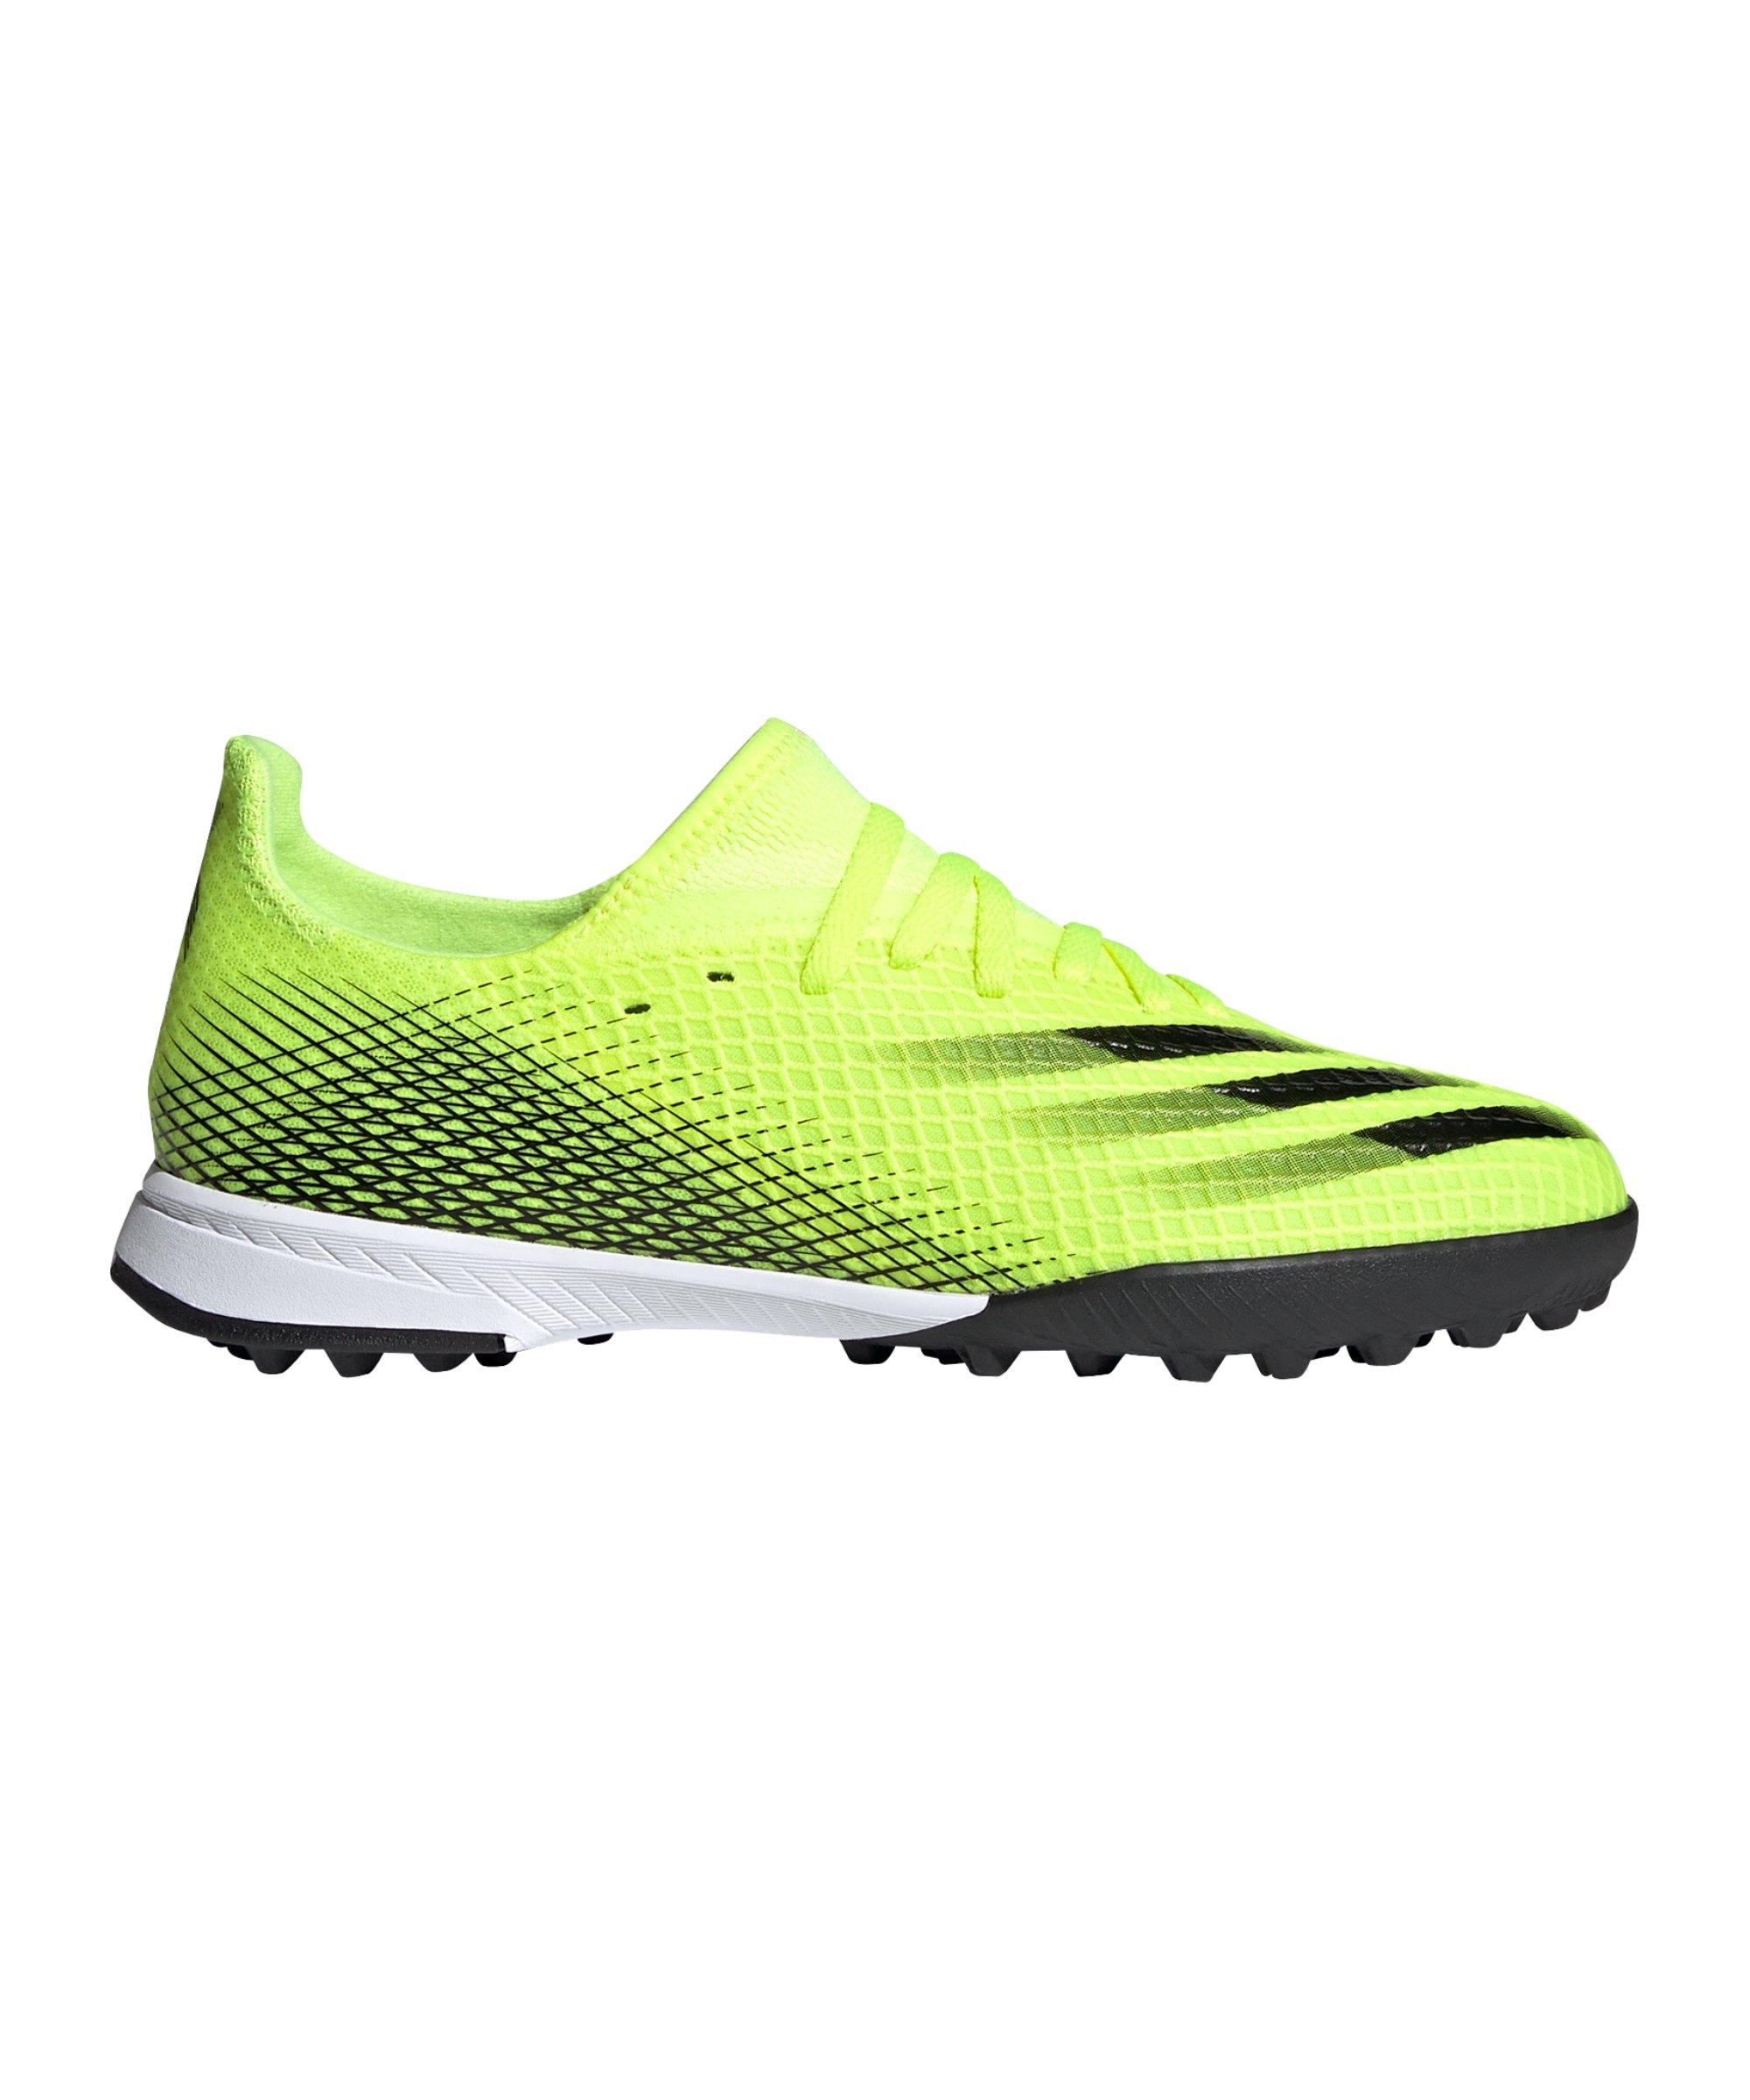 adidas X GHOSTED.3 TF Superlative J Kids Gelb Schwarz - gelb